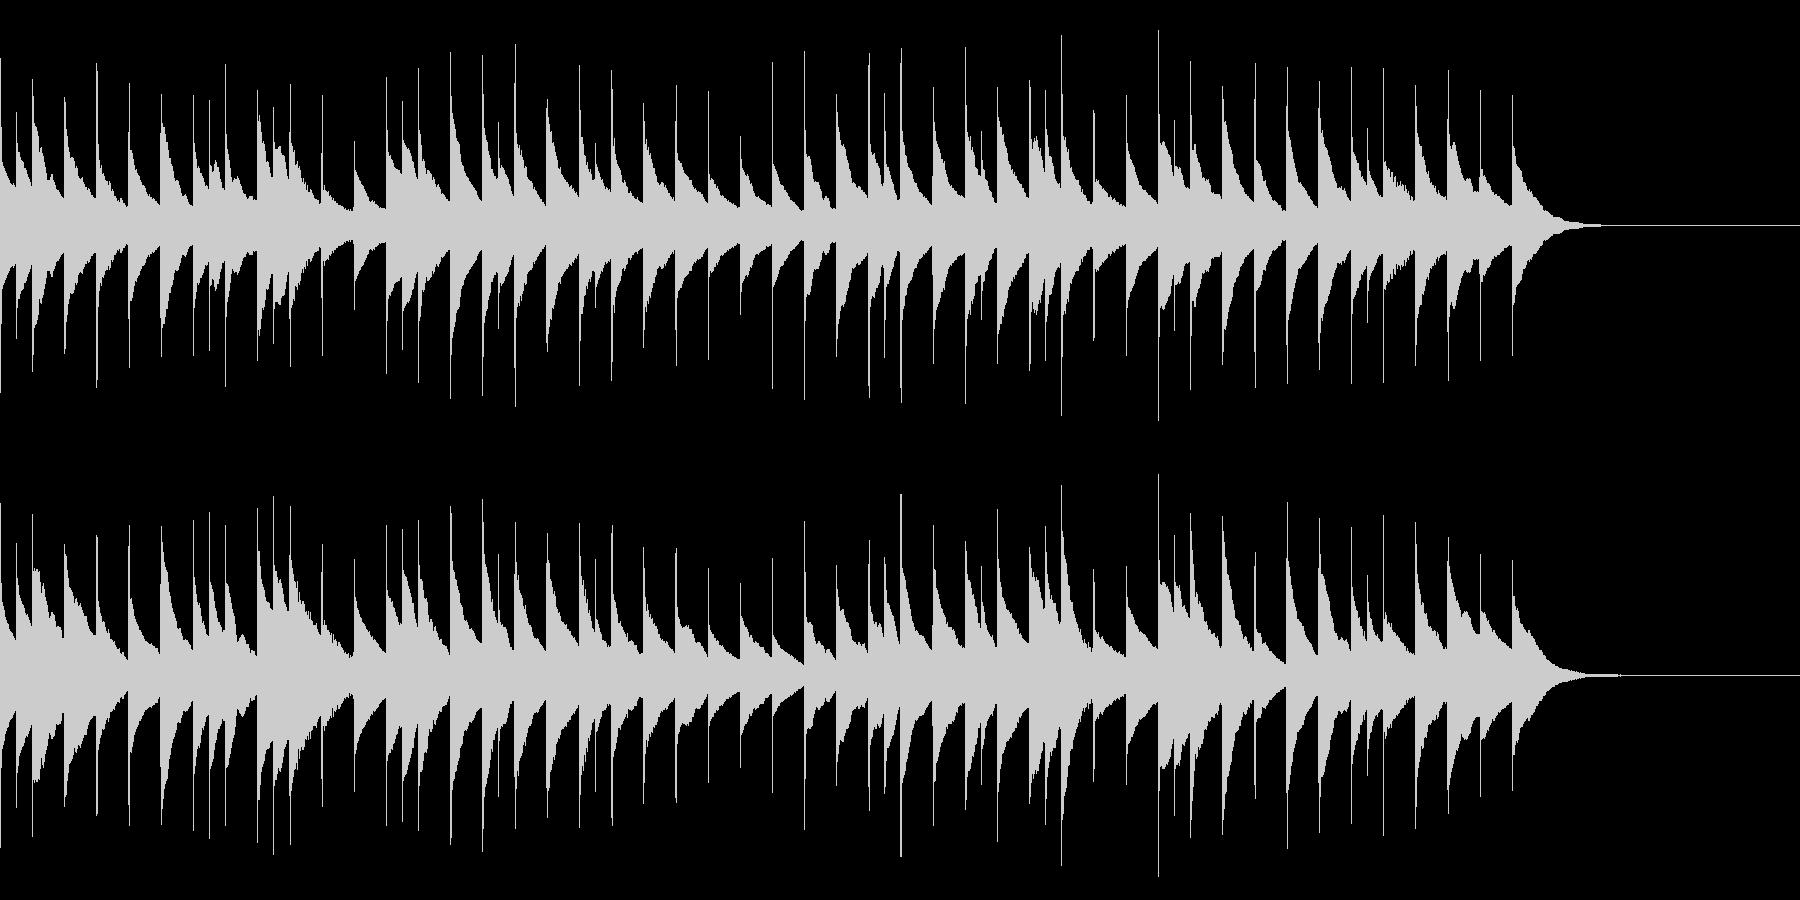 「こいのぼり」のオルゴールアレンジの未再生の波形